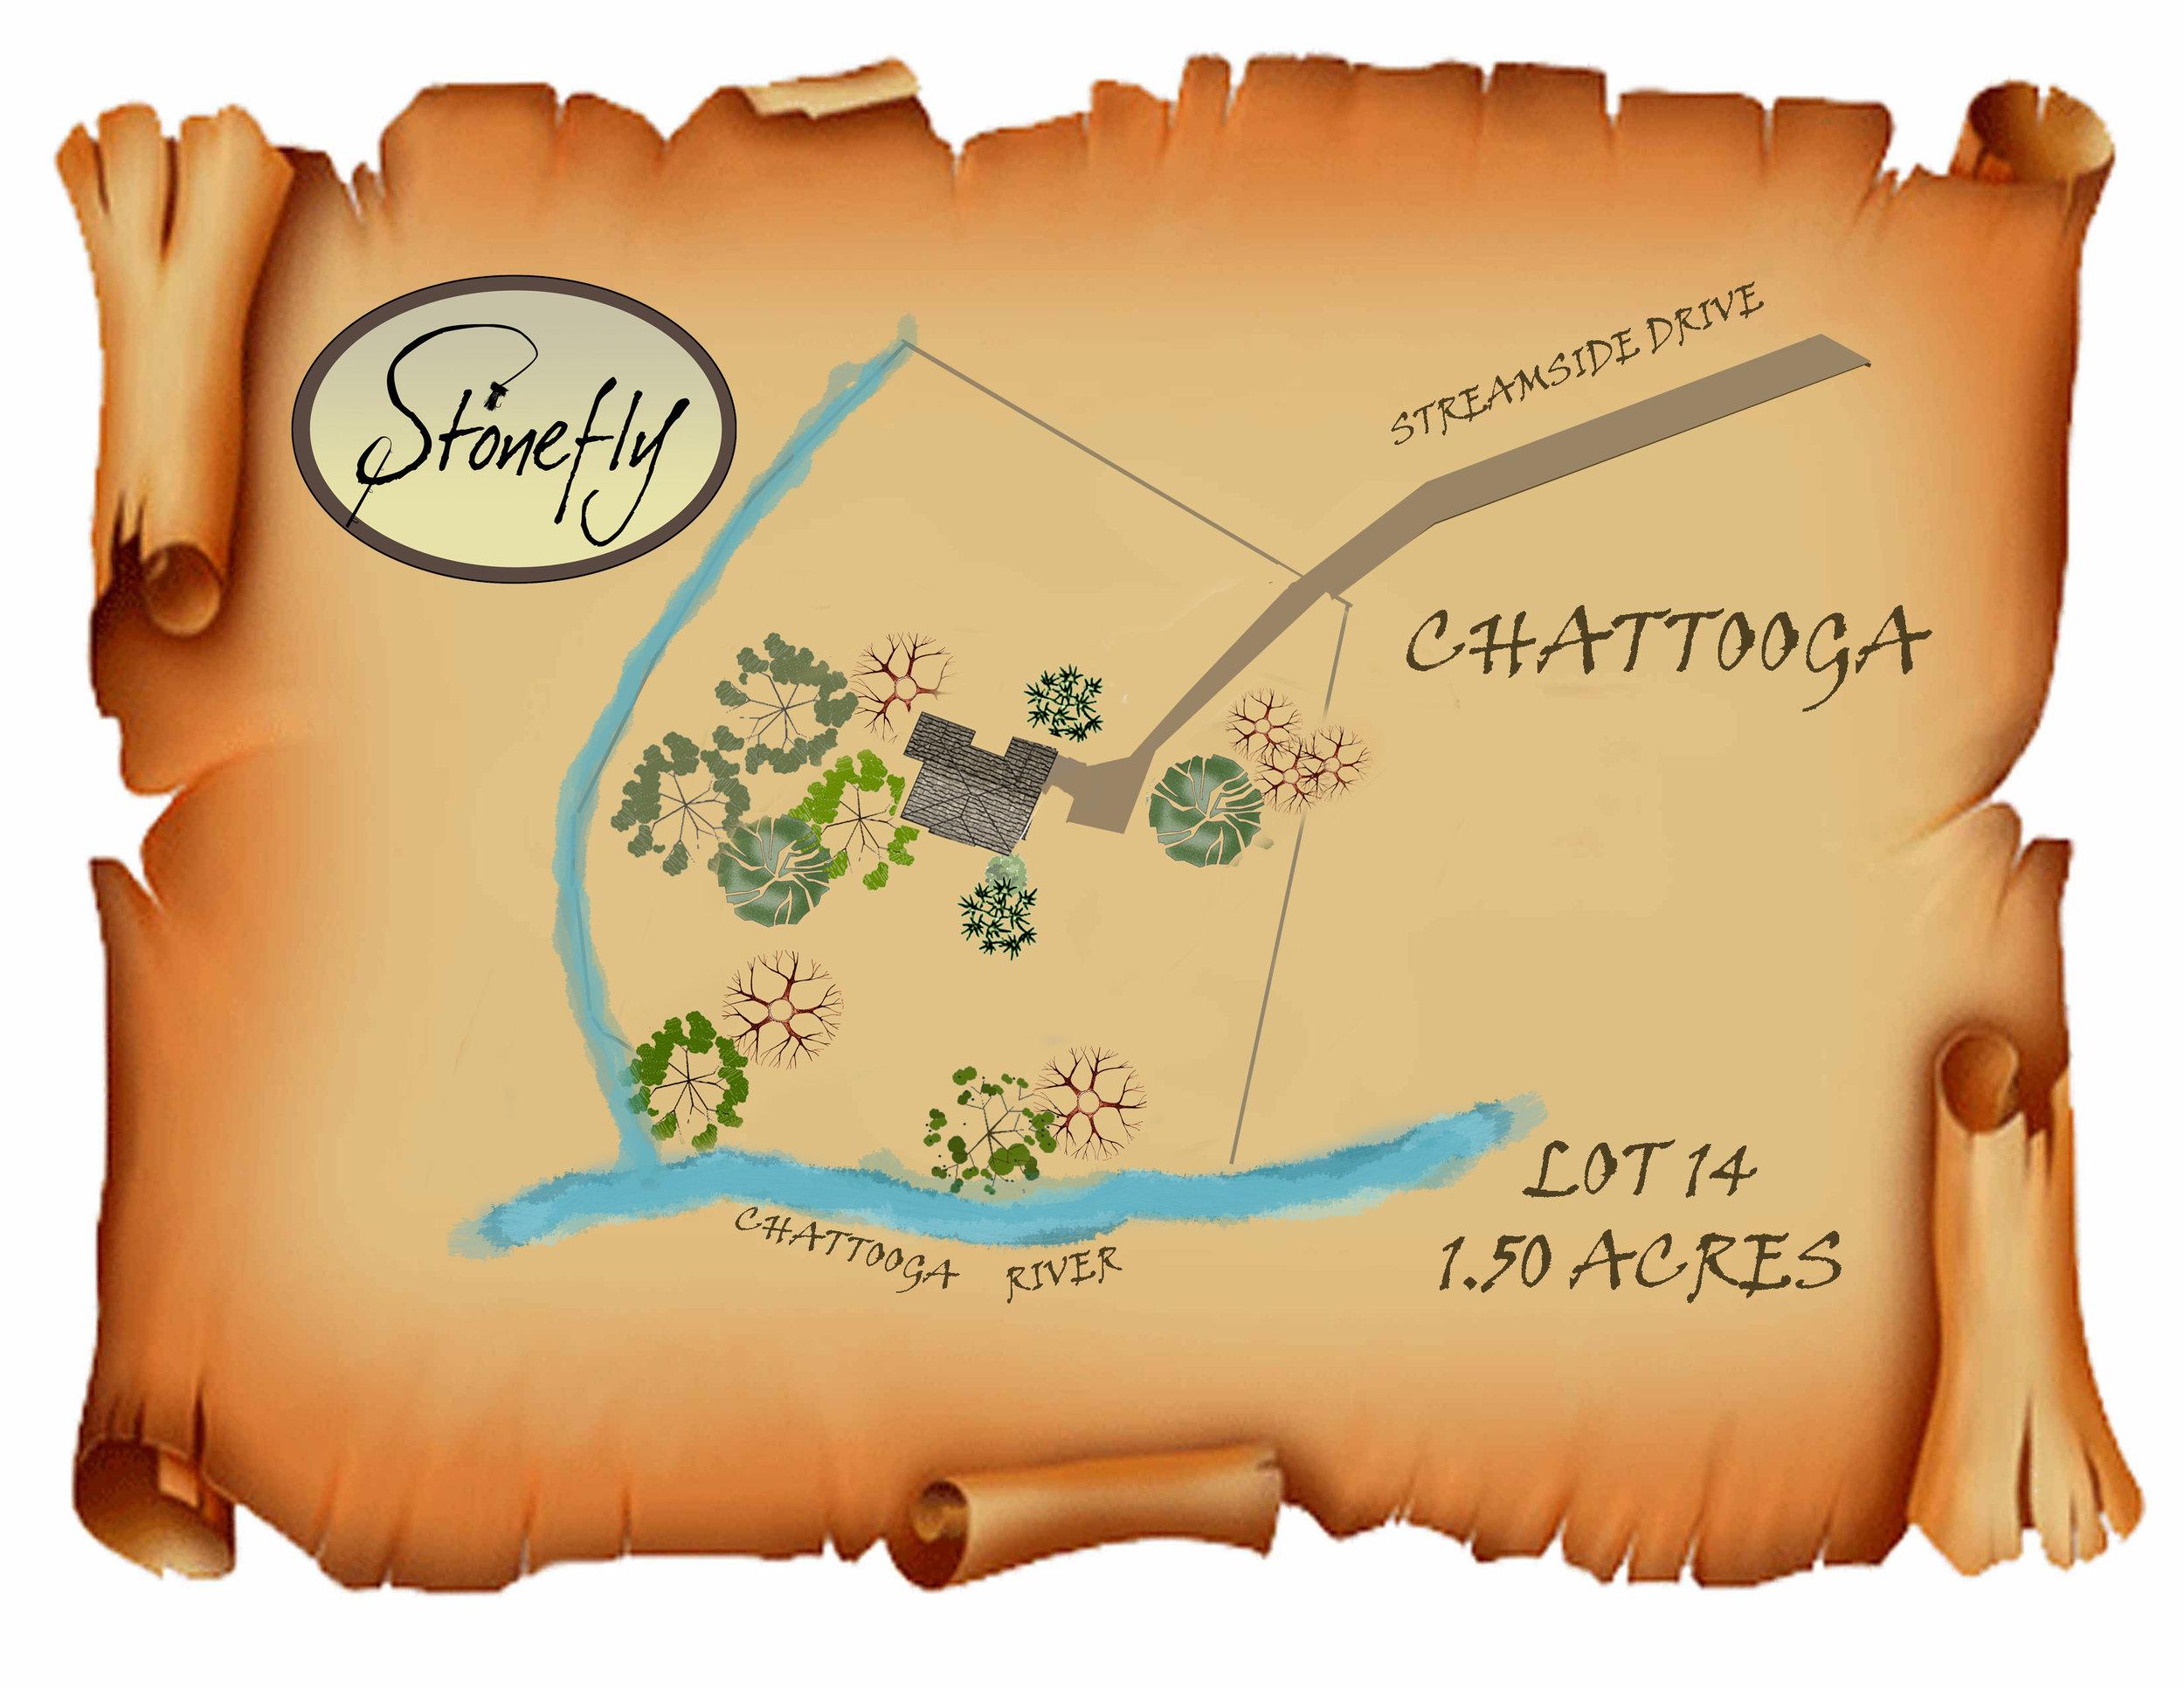 LOT 14 MAP.Chattooga.jpg